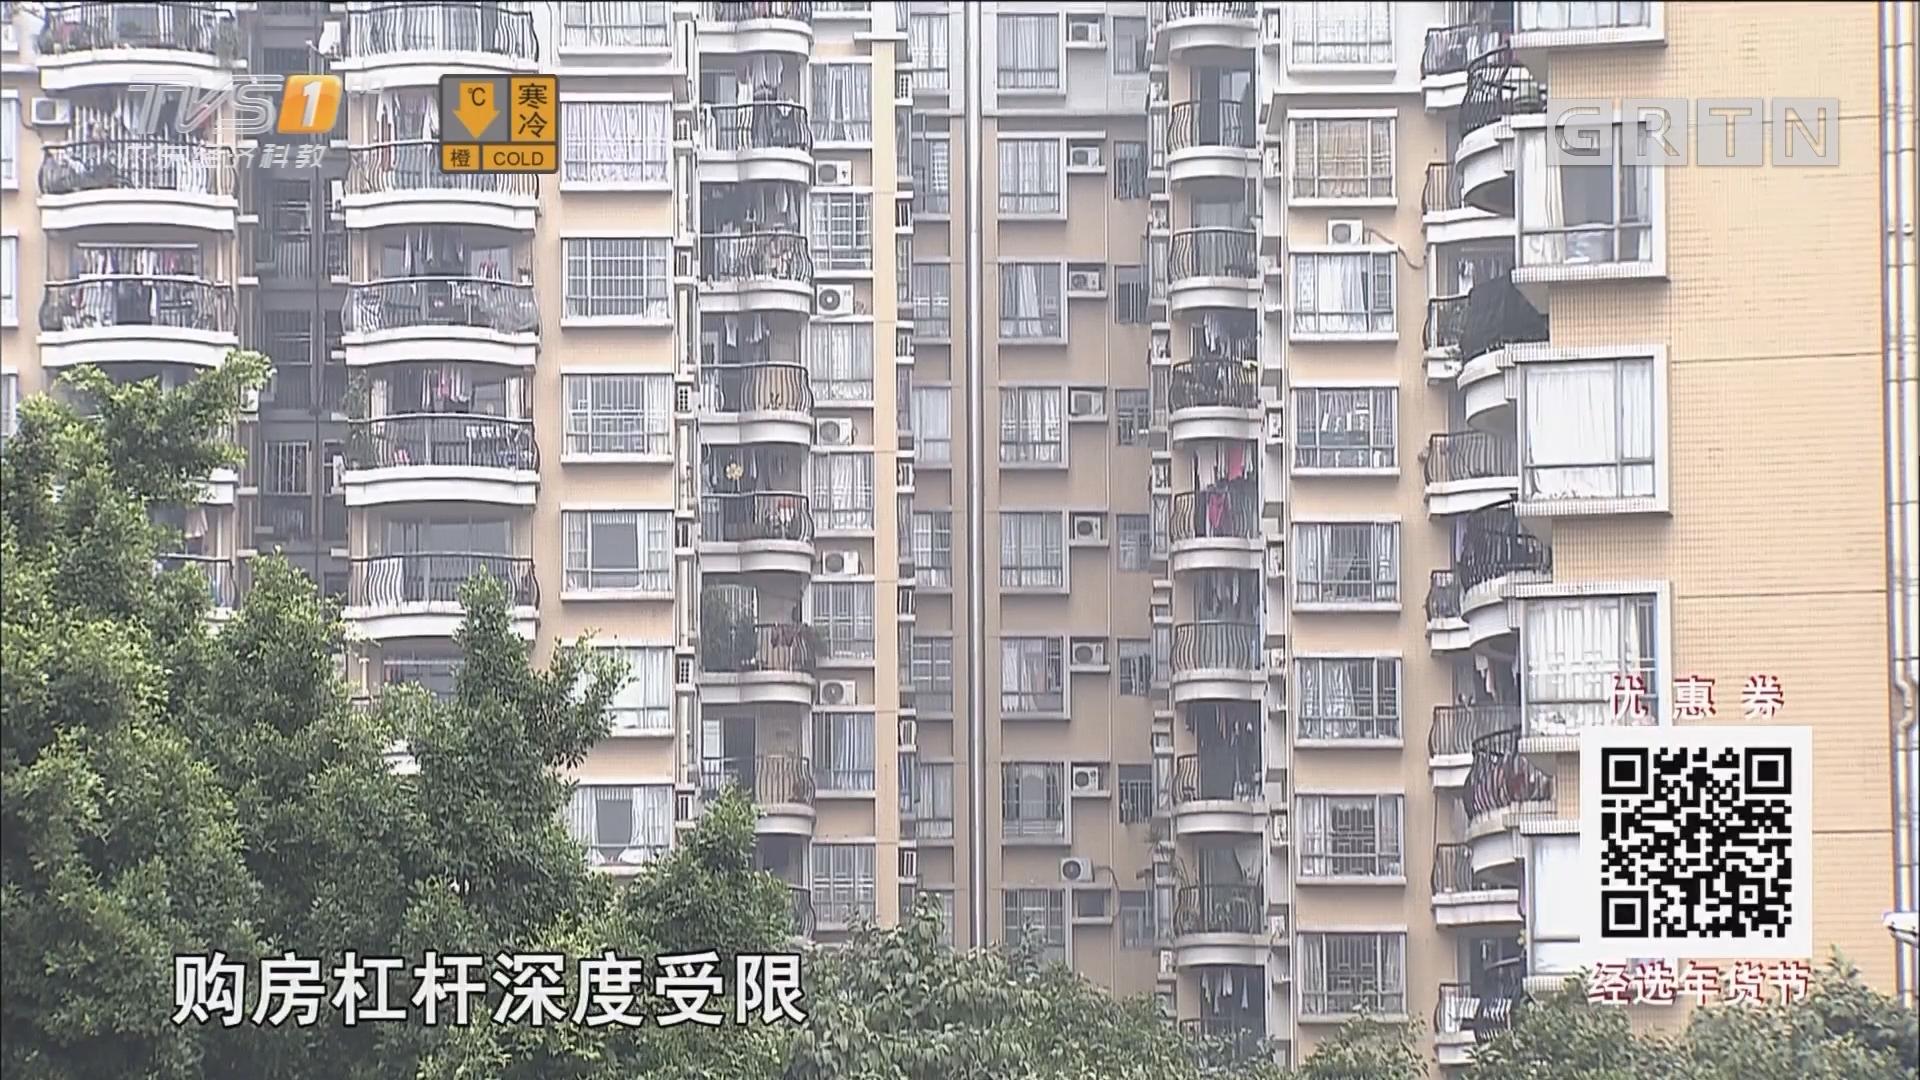 广州:二手楼交投持续走低 海珠荔湾降幅最大